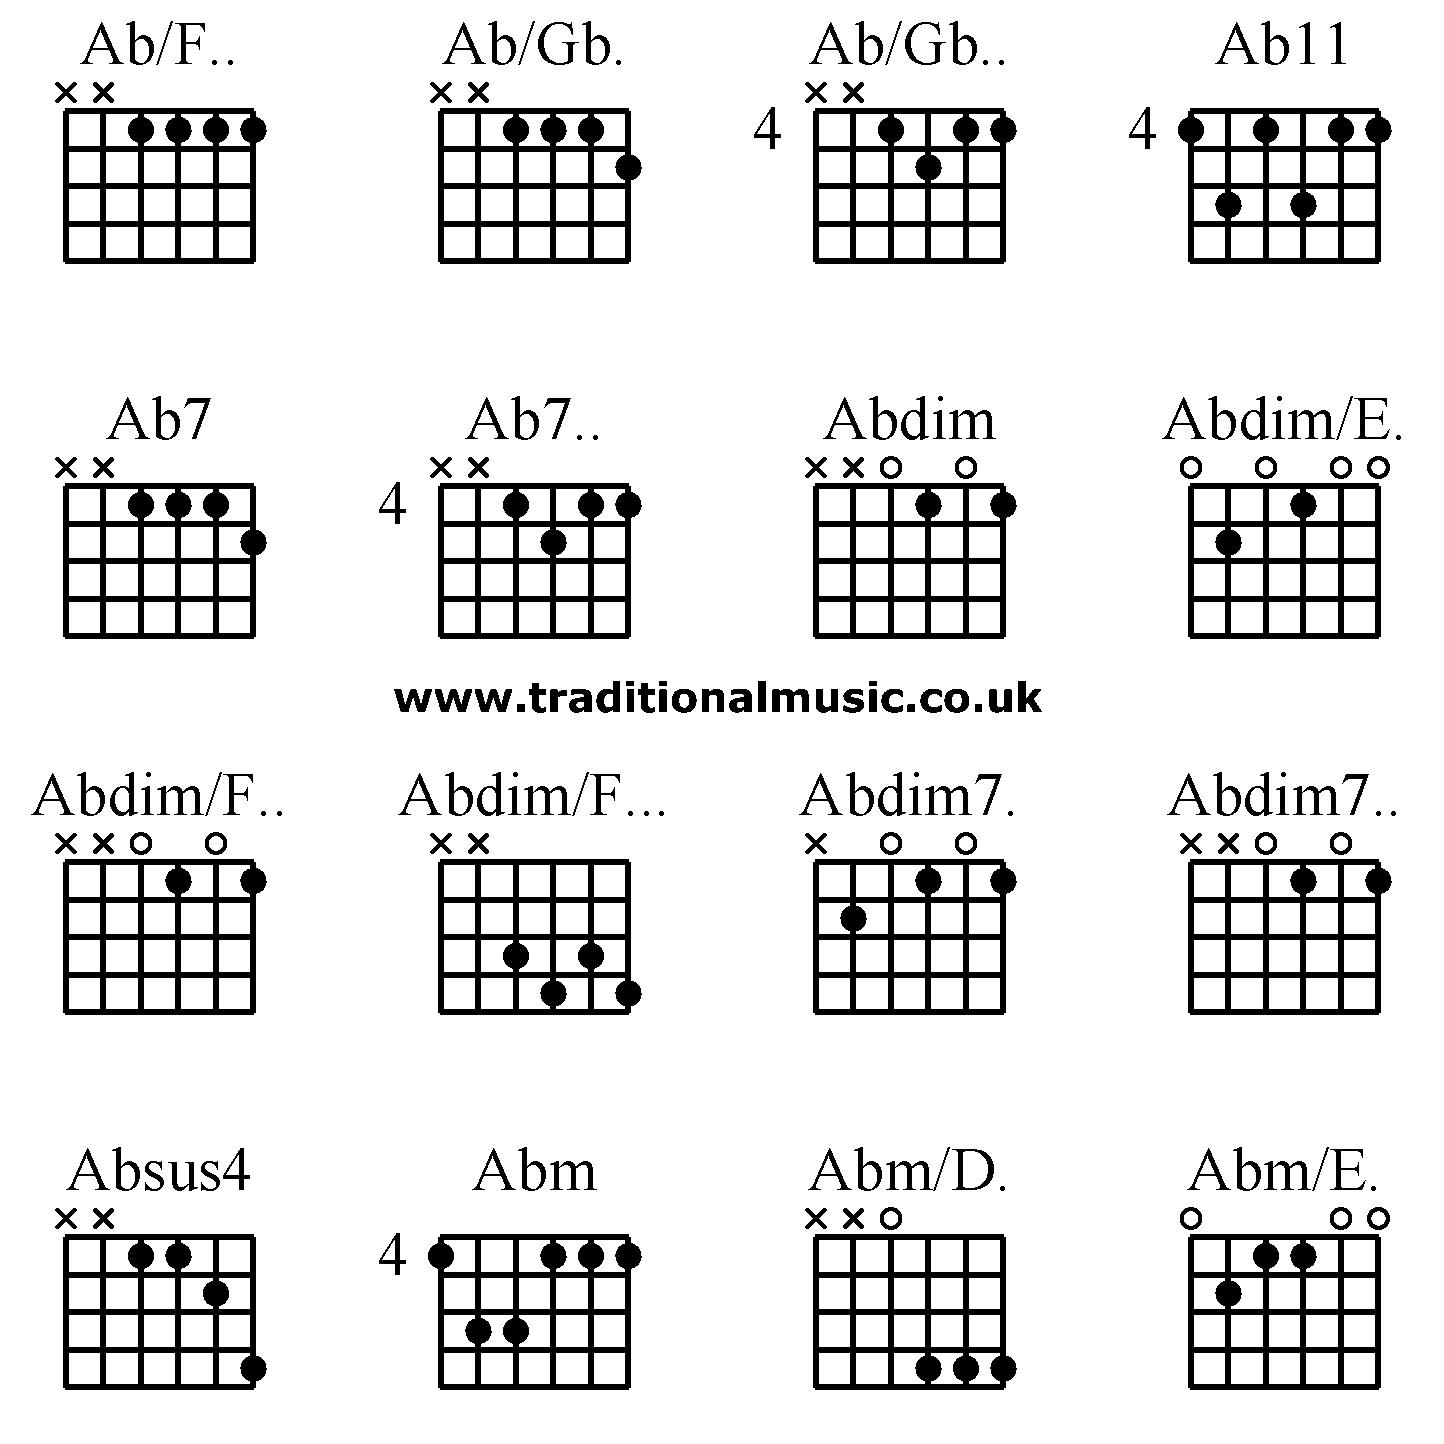 Advanced Guitar Chords Ab F Ab Gb Ab Gb Ab11 Ab7